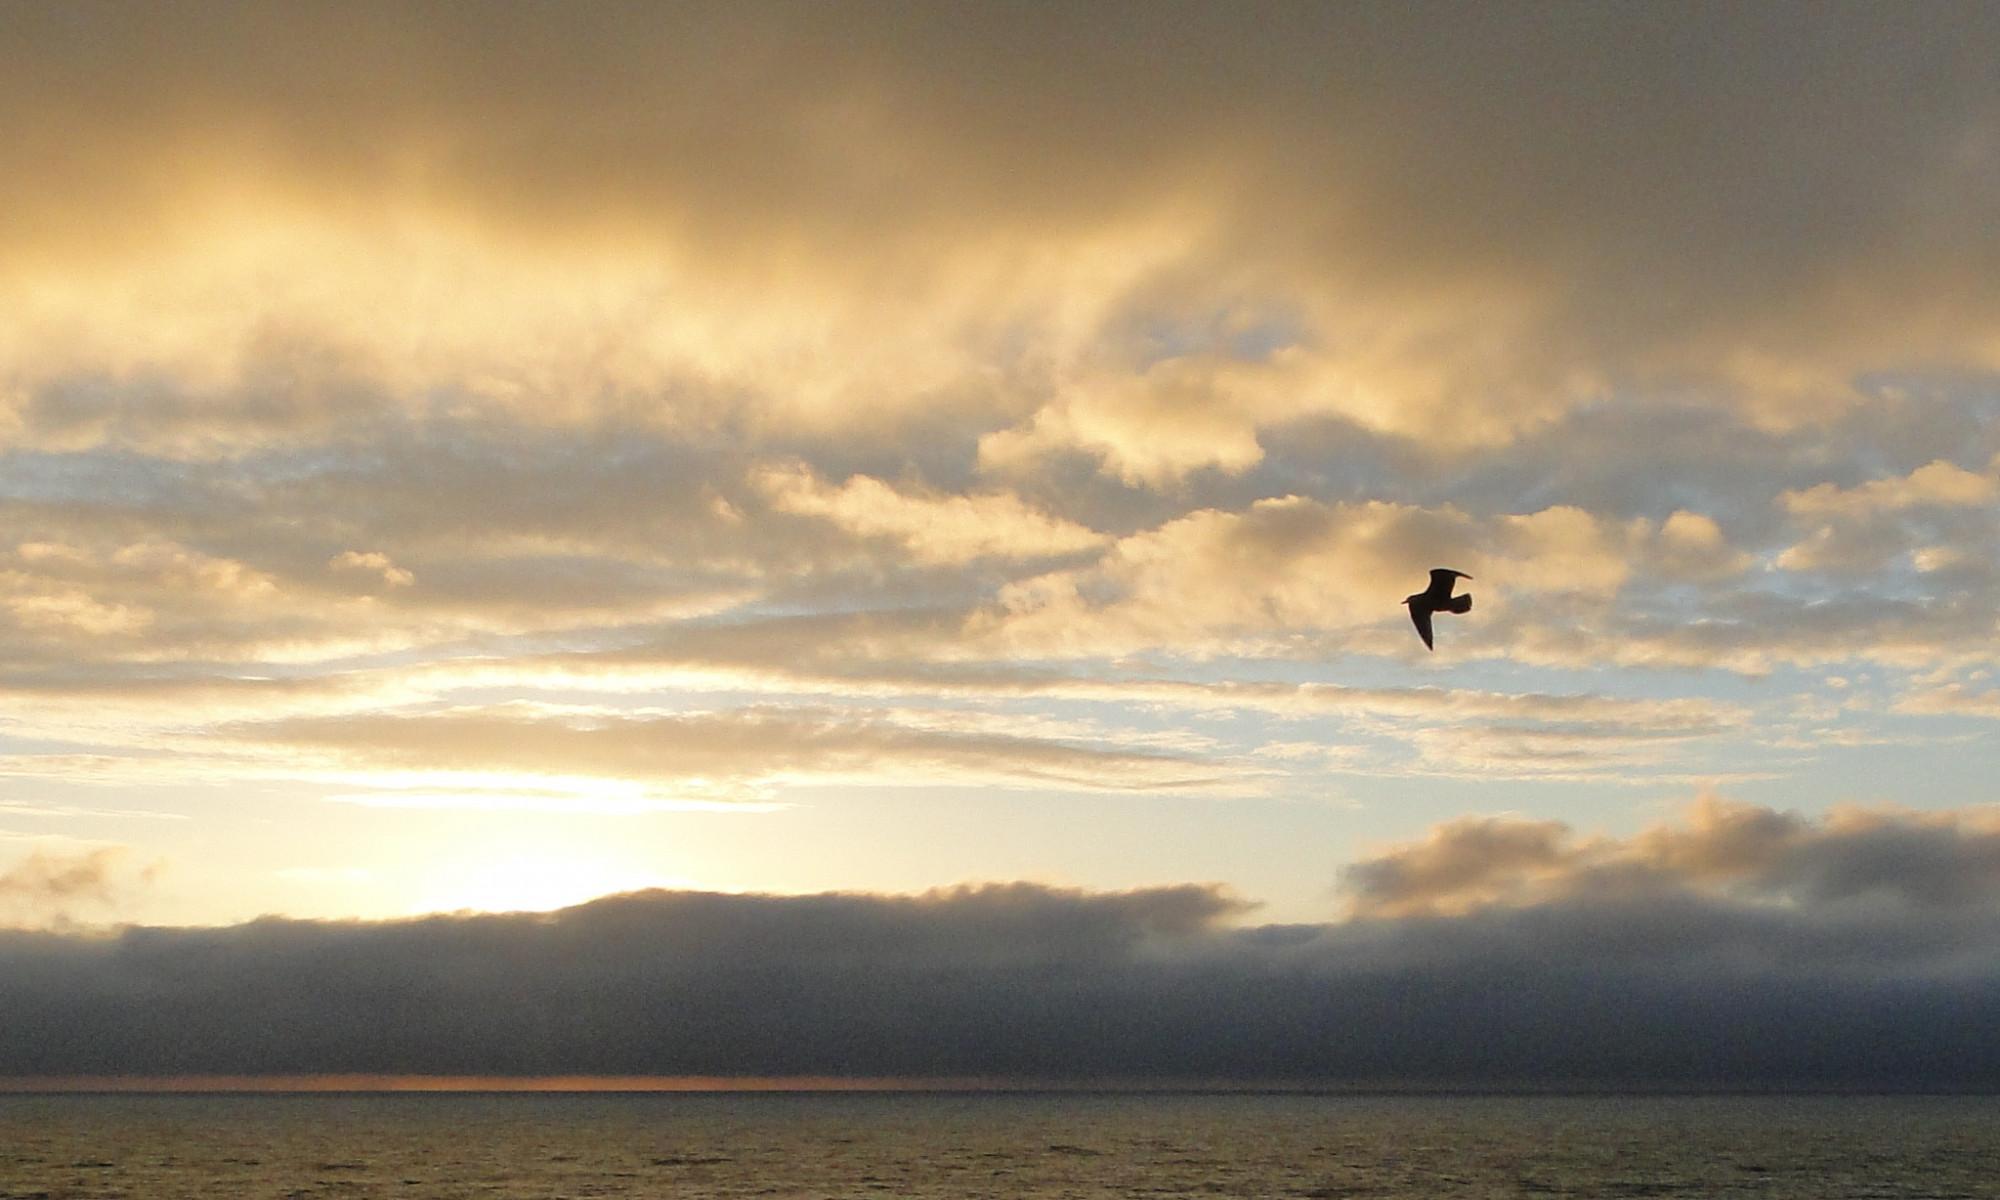 Gedankenflug: Möwe im Flug vor Sonnenuntergang (Foto: Tina Bungeroth)